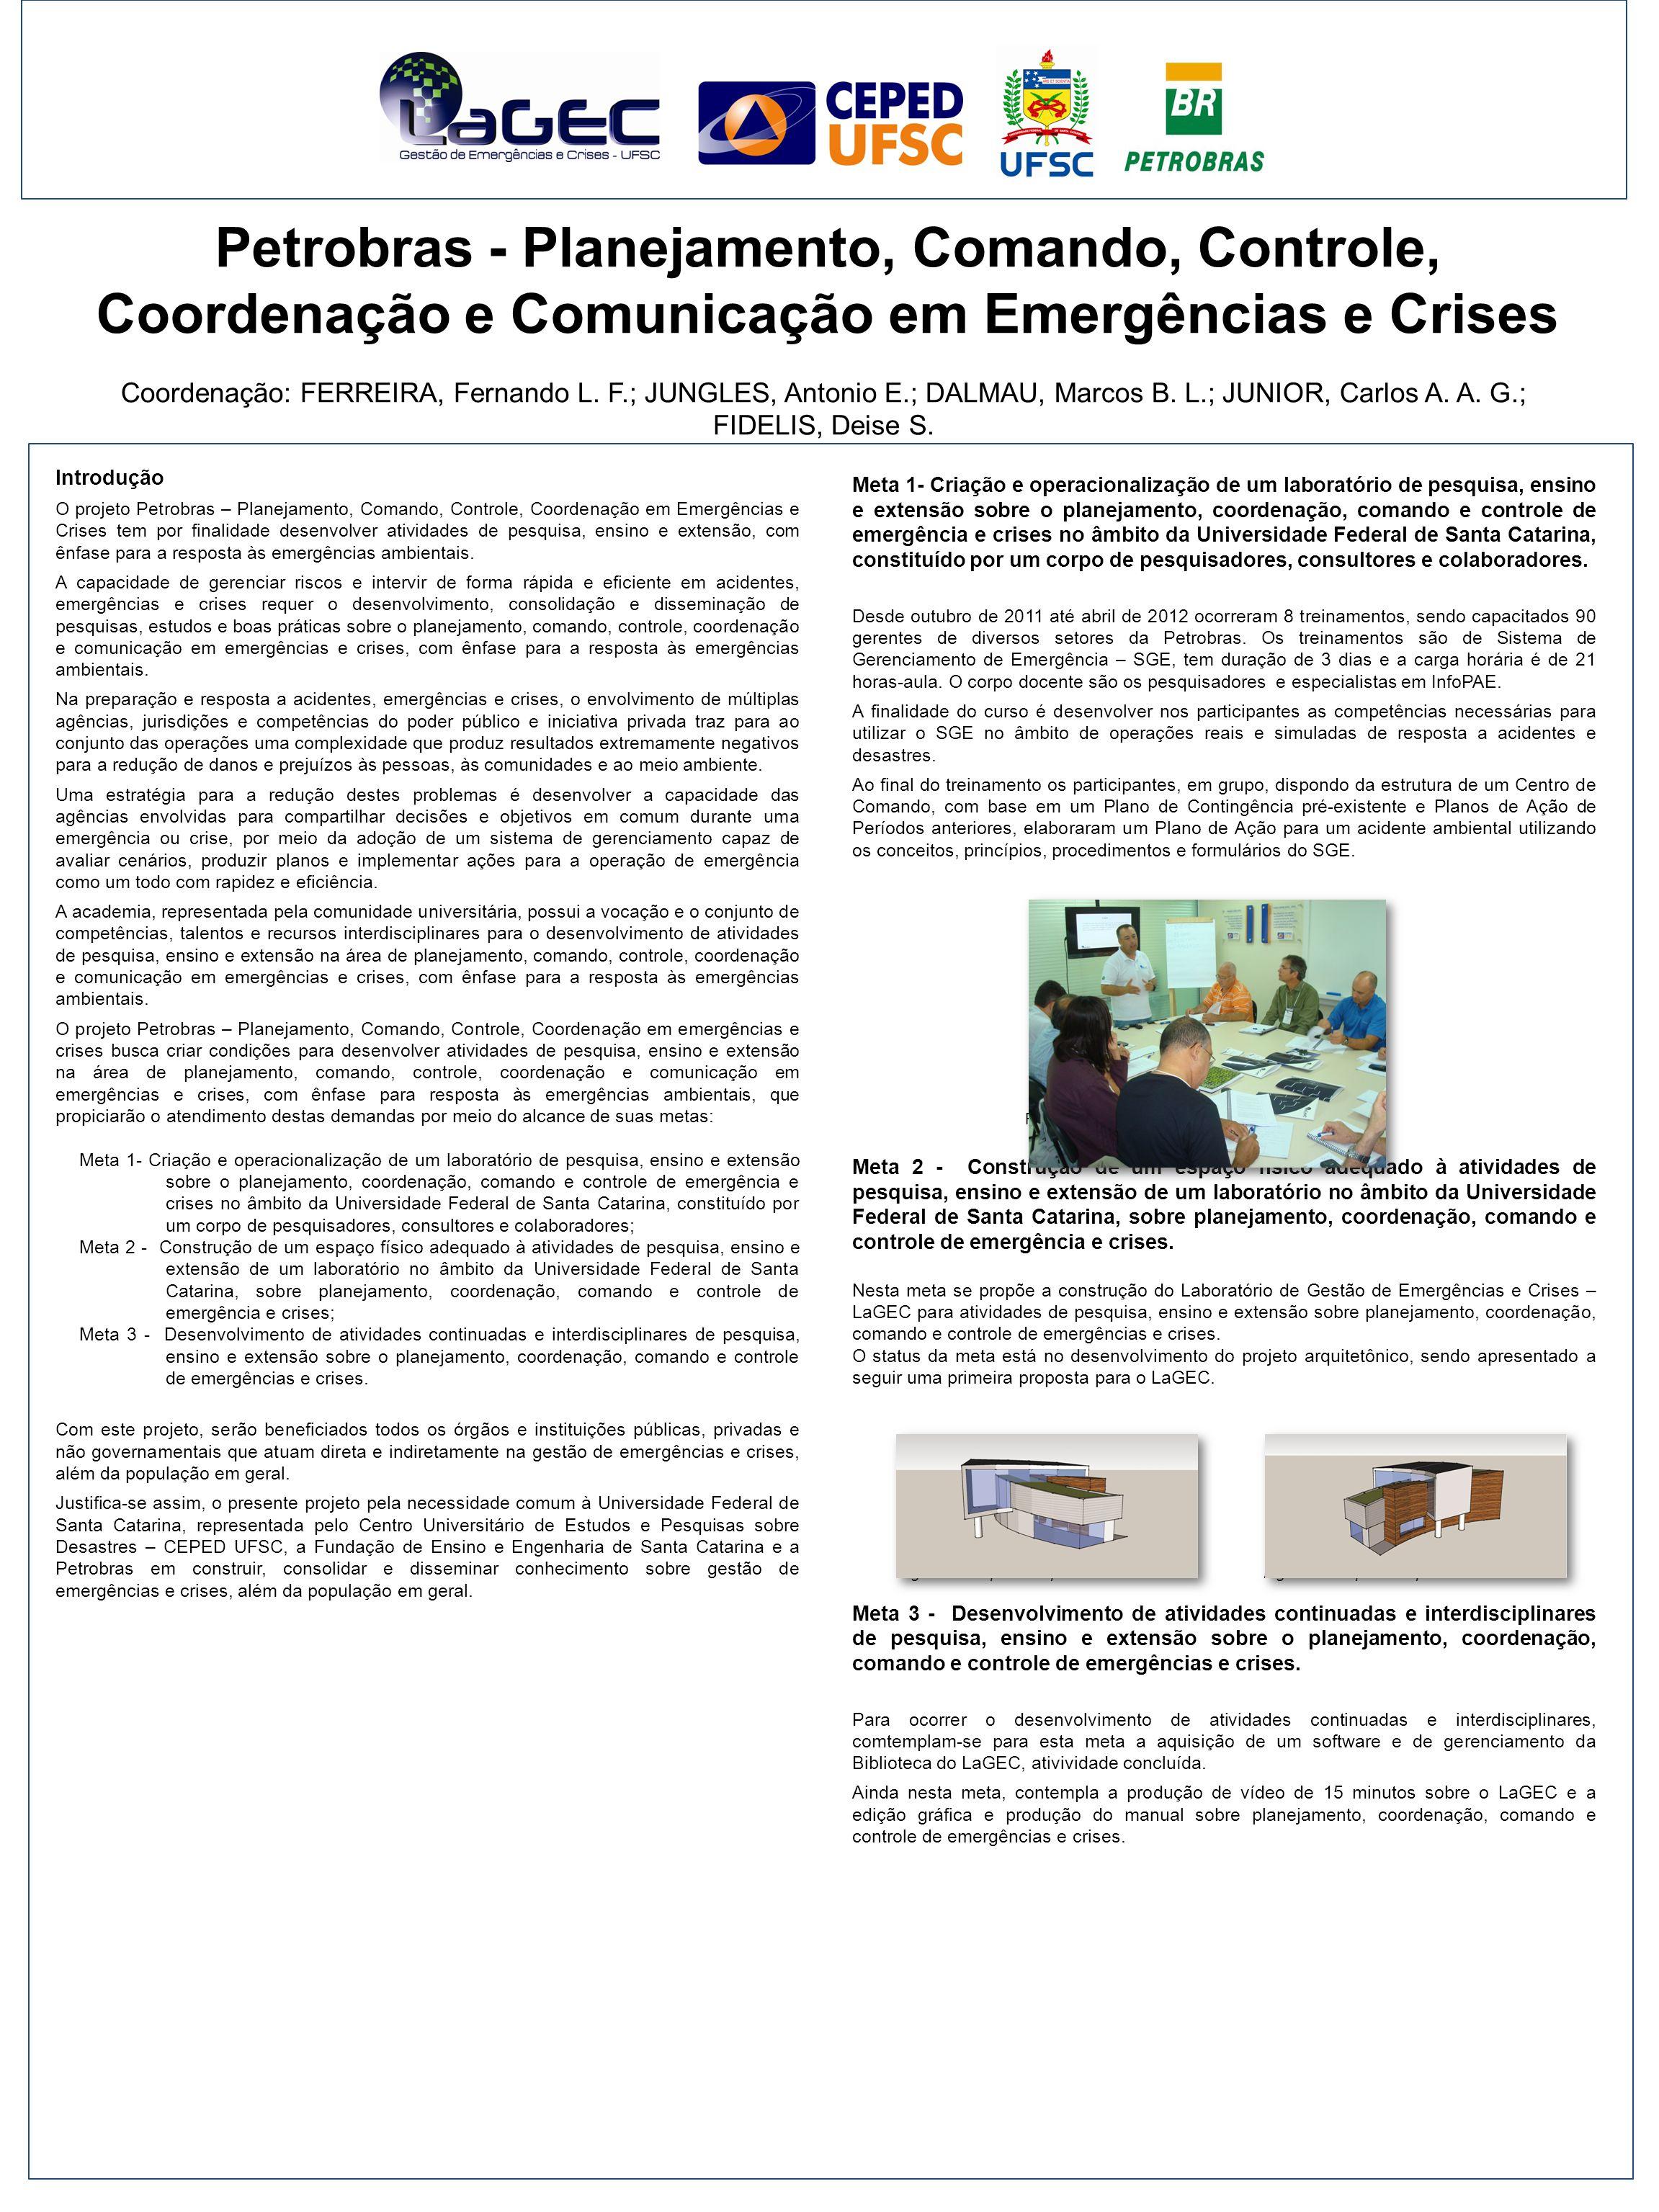 Petrobras - Planejamento, Comando, Controle, Coordenação e Comunicação em Emergências e Crises Coordenação: FERREIRA, Fernando L. F.; JUNGLES, Antonio